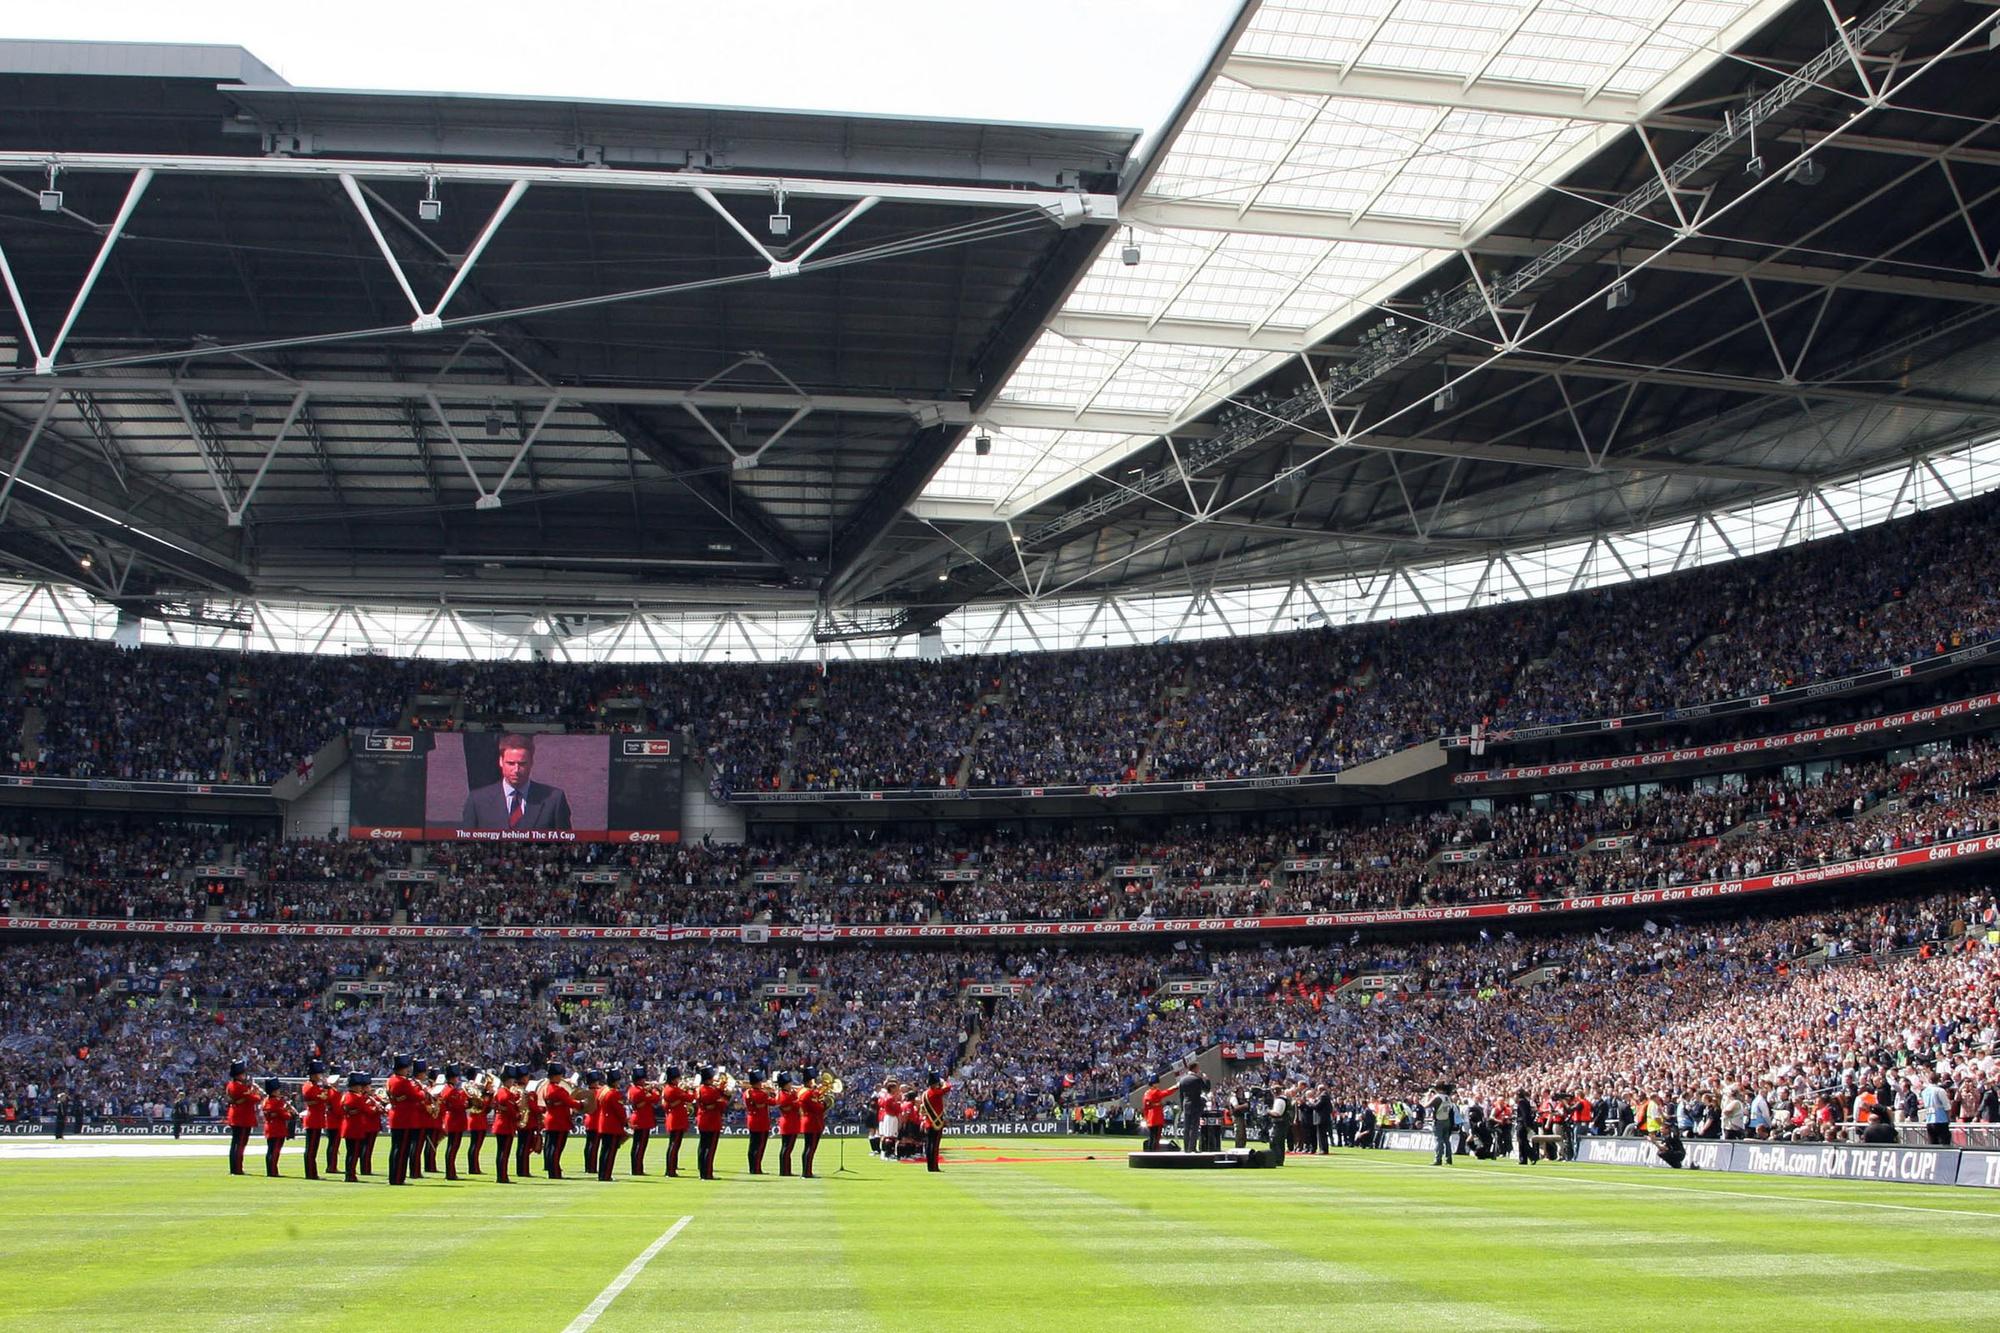 De spelers komen aan in het vernieuwde Wembley, GETTY